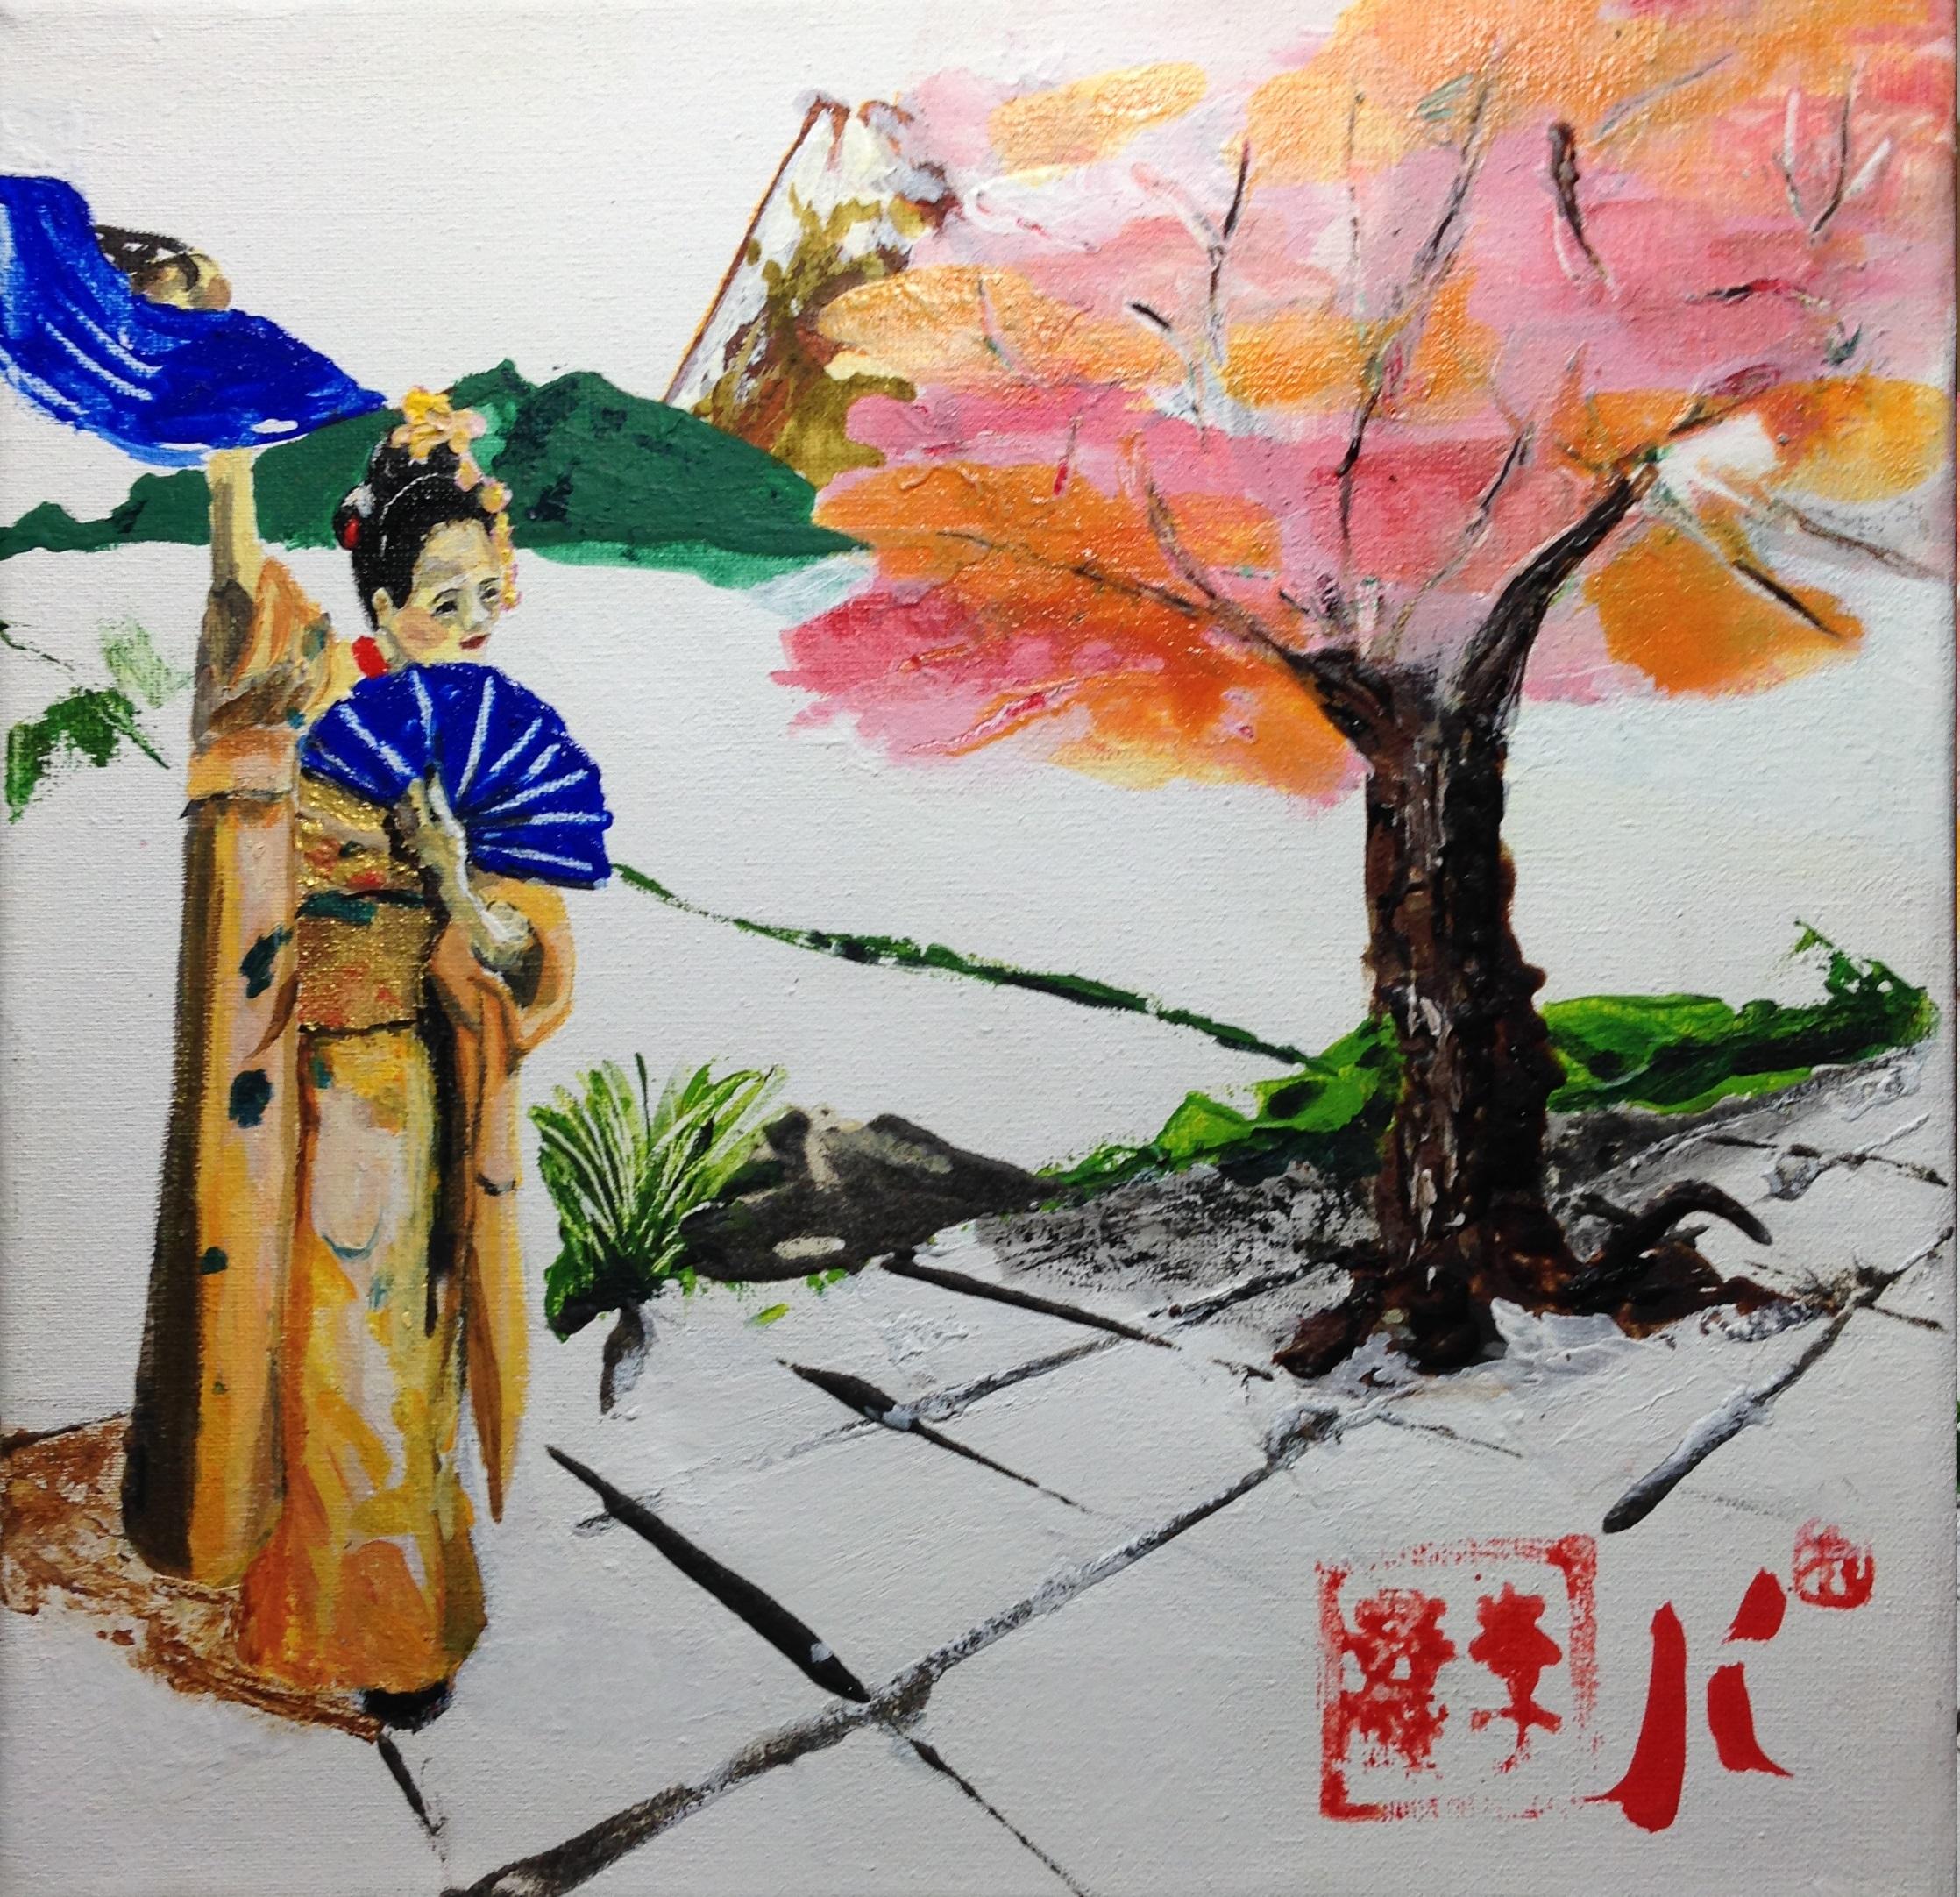 Danse d'une geisha en automne - 2015